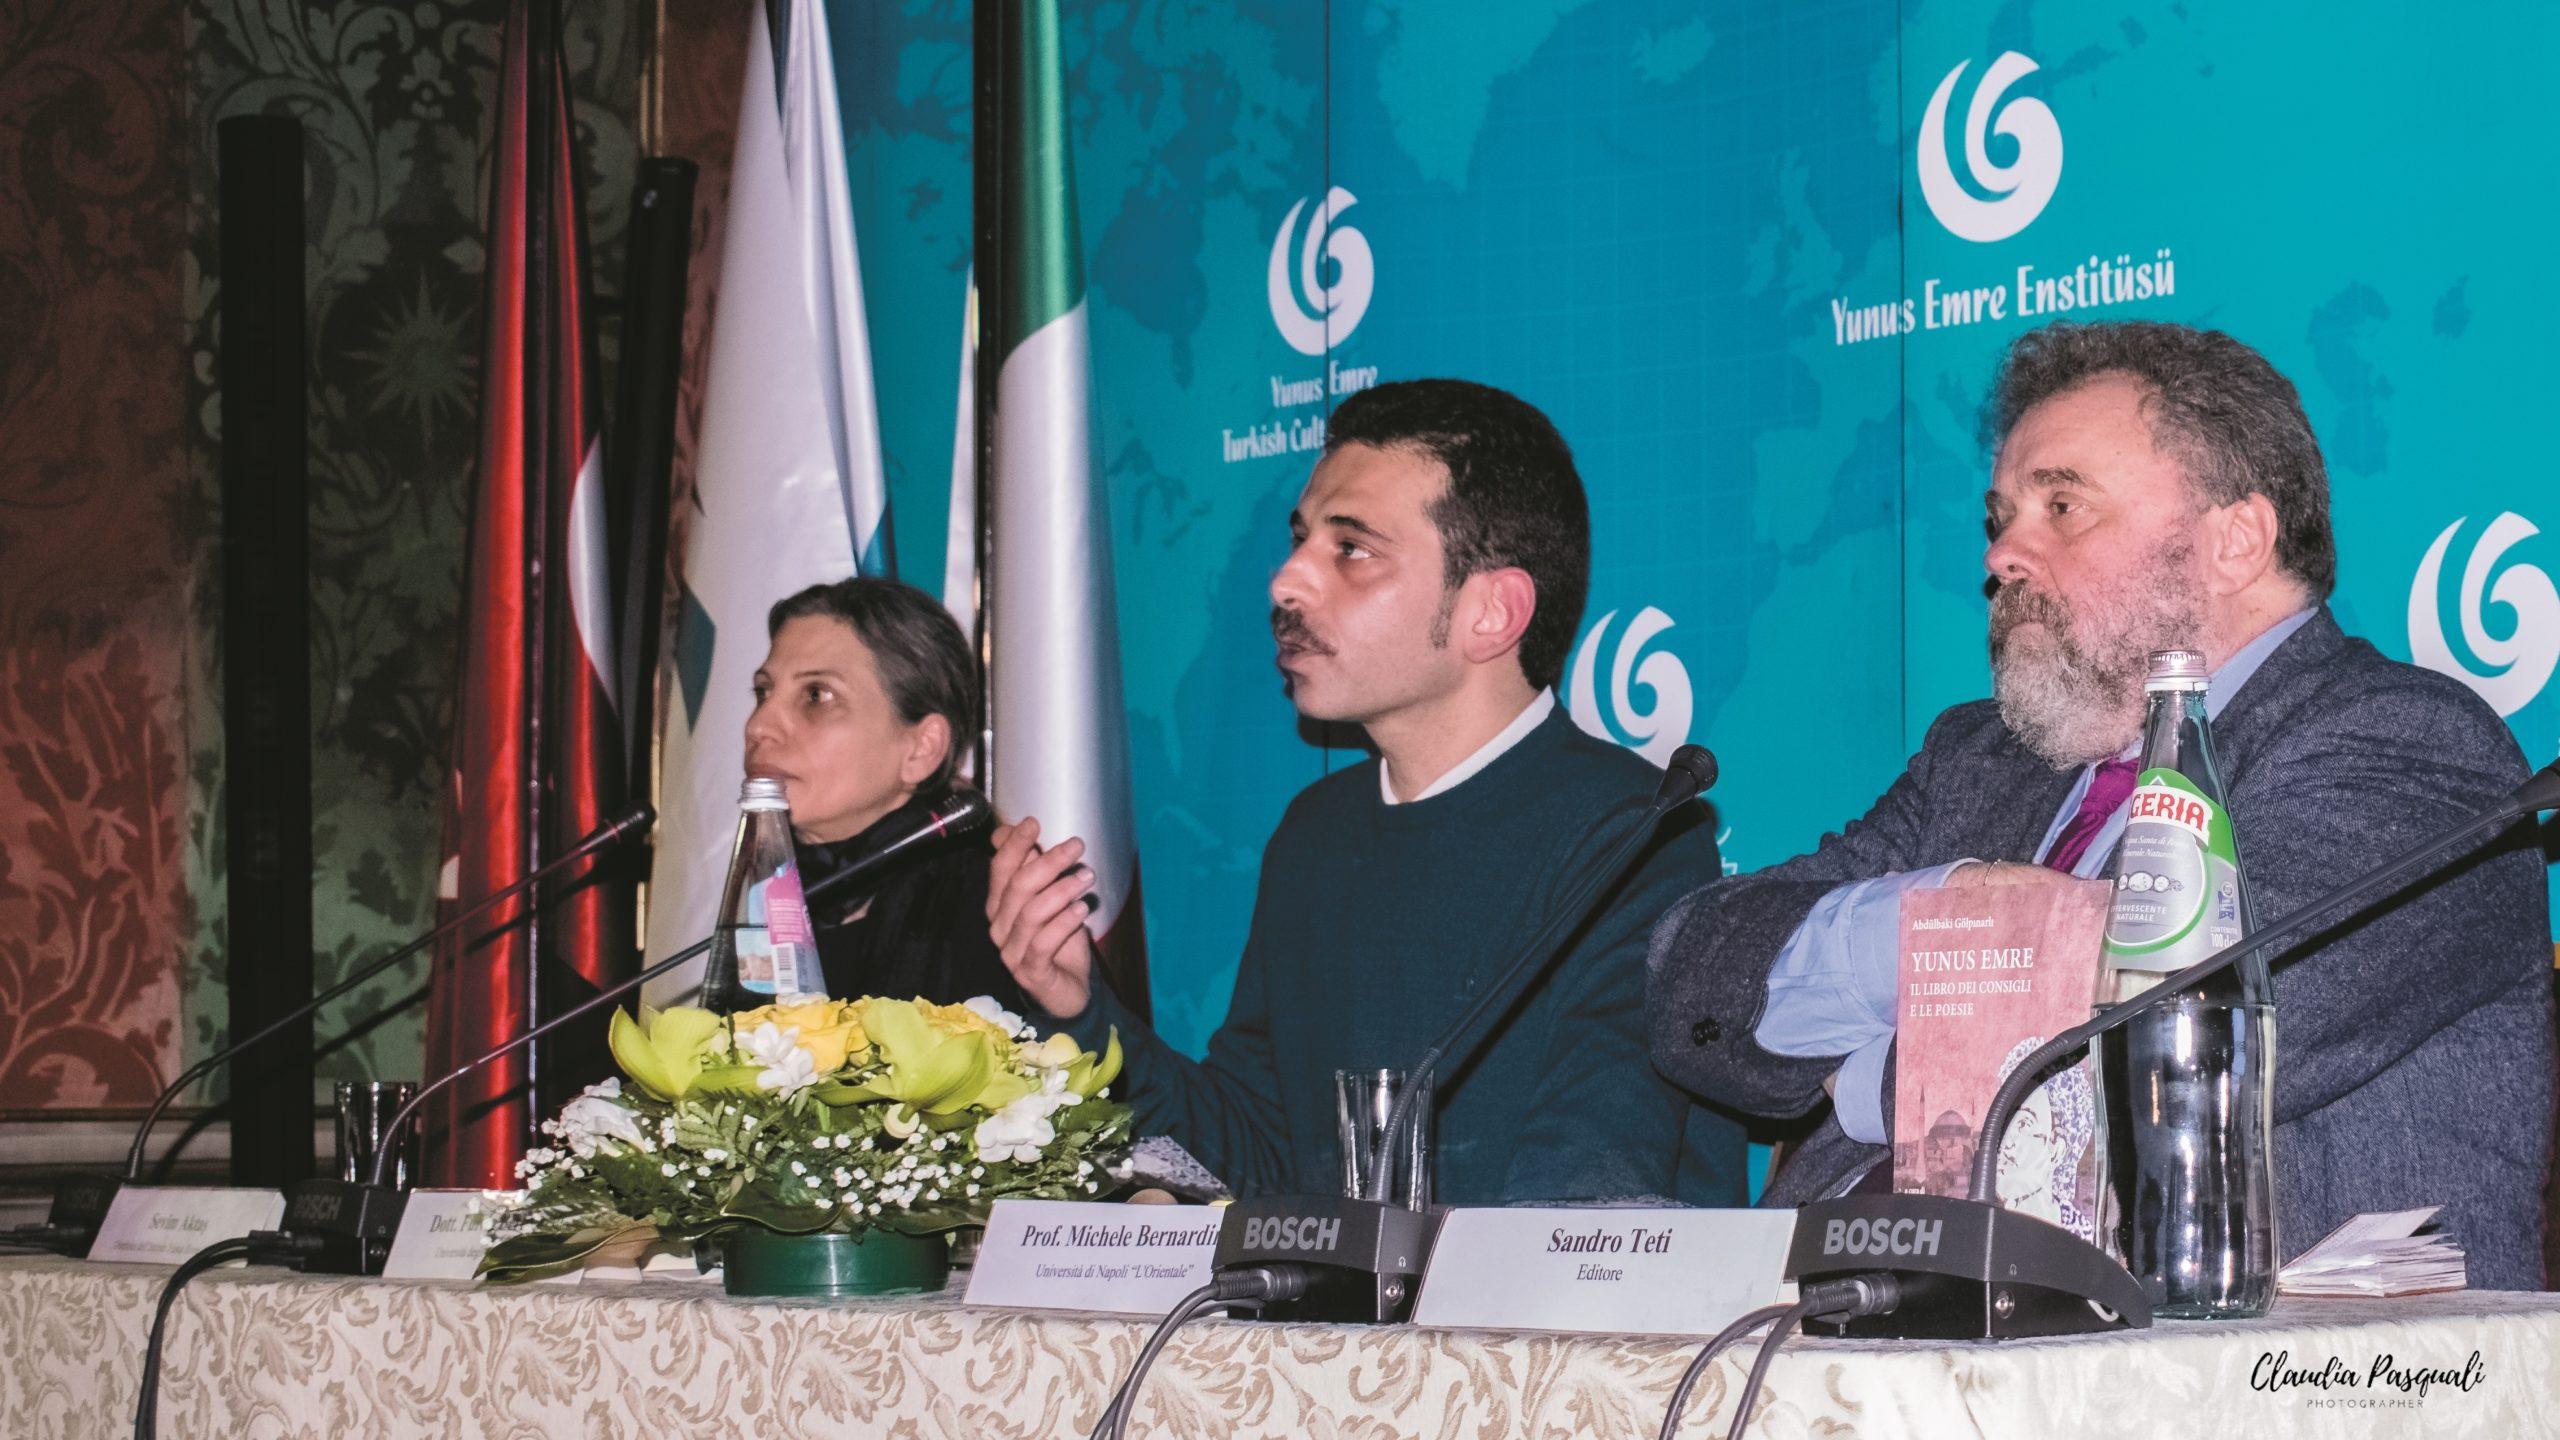 """Presentazione del libro """"Yunus Emre. Il libro dei consigli e le poesie"""". Da sinistra: la direttrice dell'Istituto Sevim Aktaş; il curatore e traduttore Fulvio Bertuccelli e il prof. Michele Bernardini."""